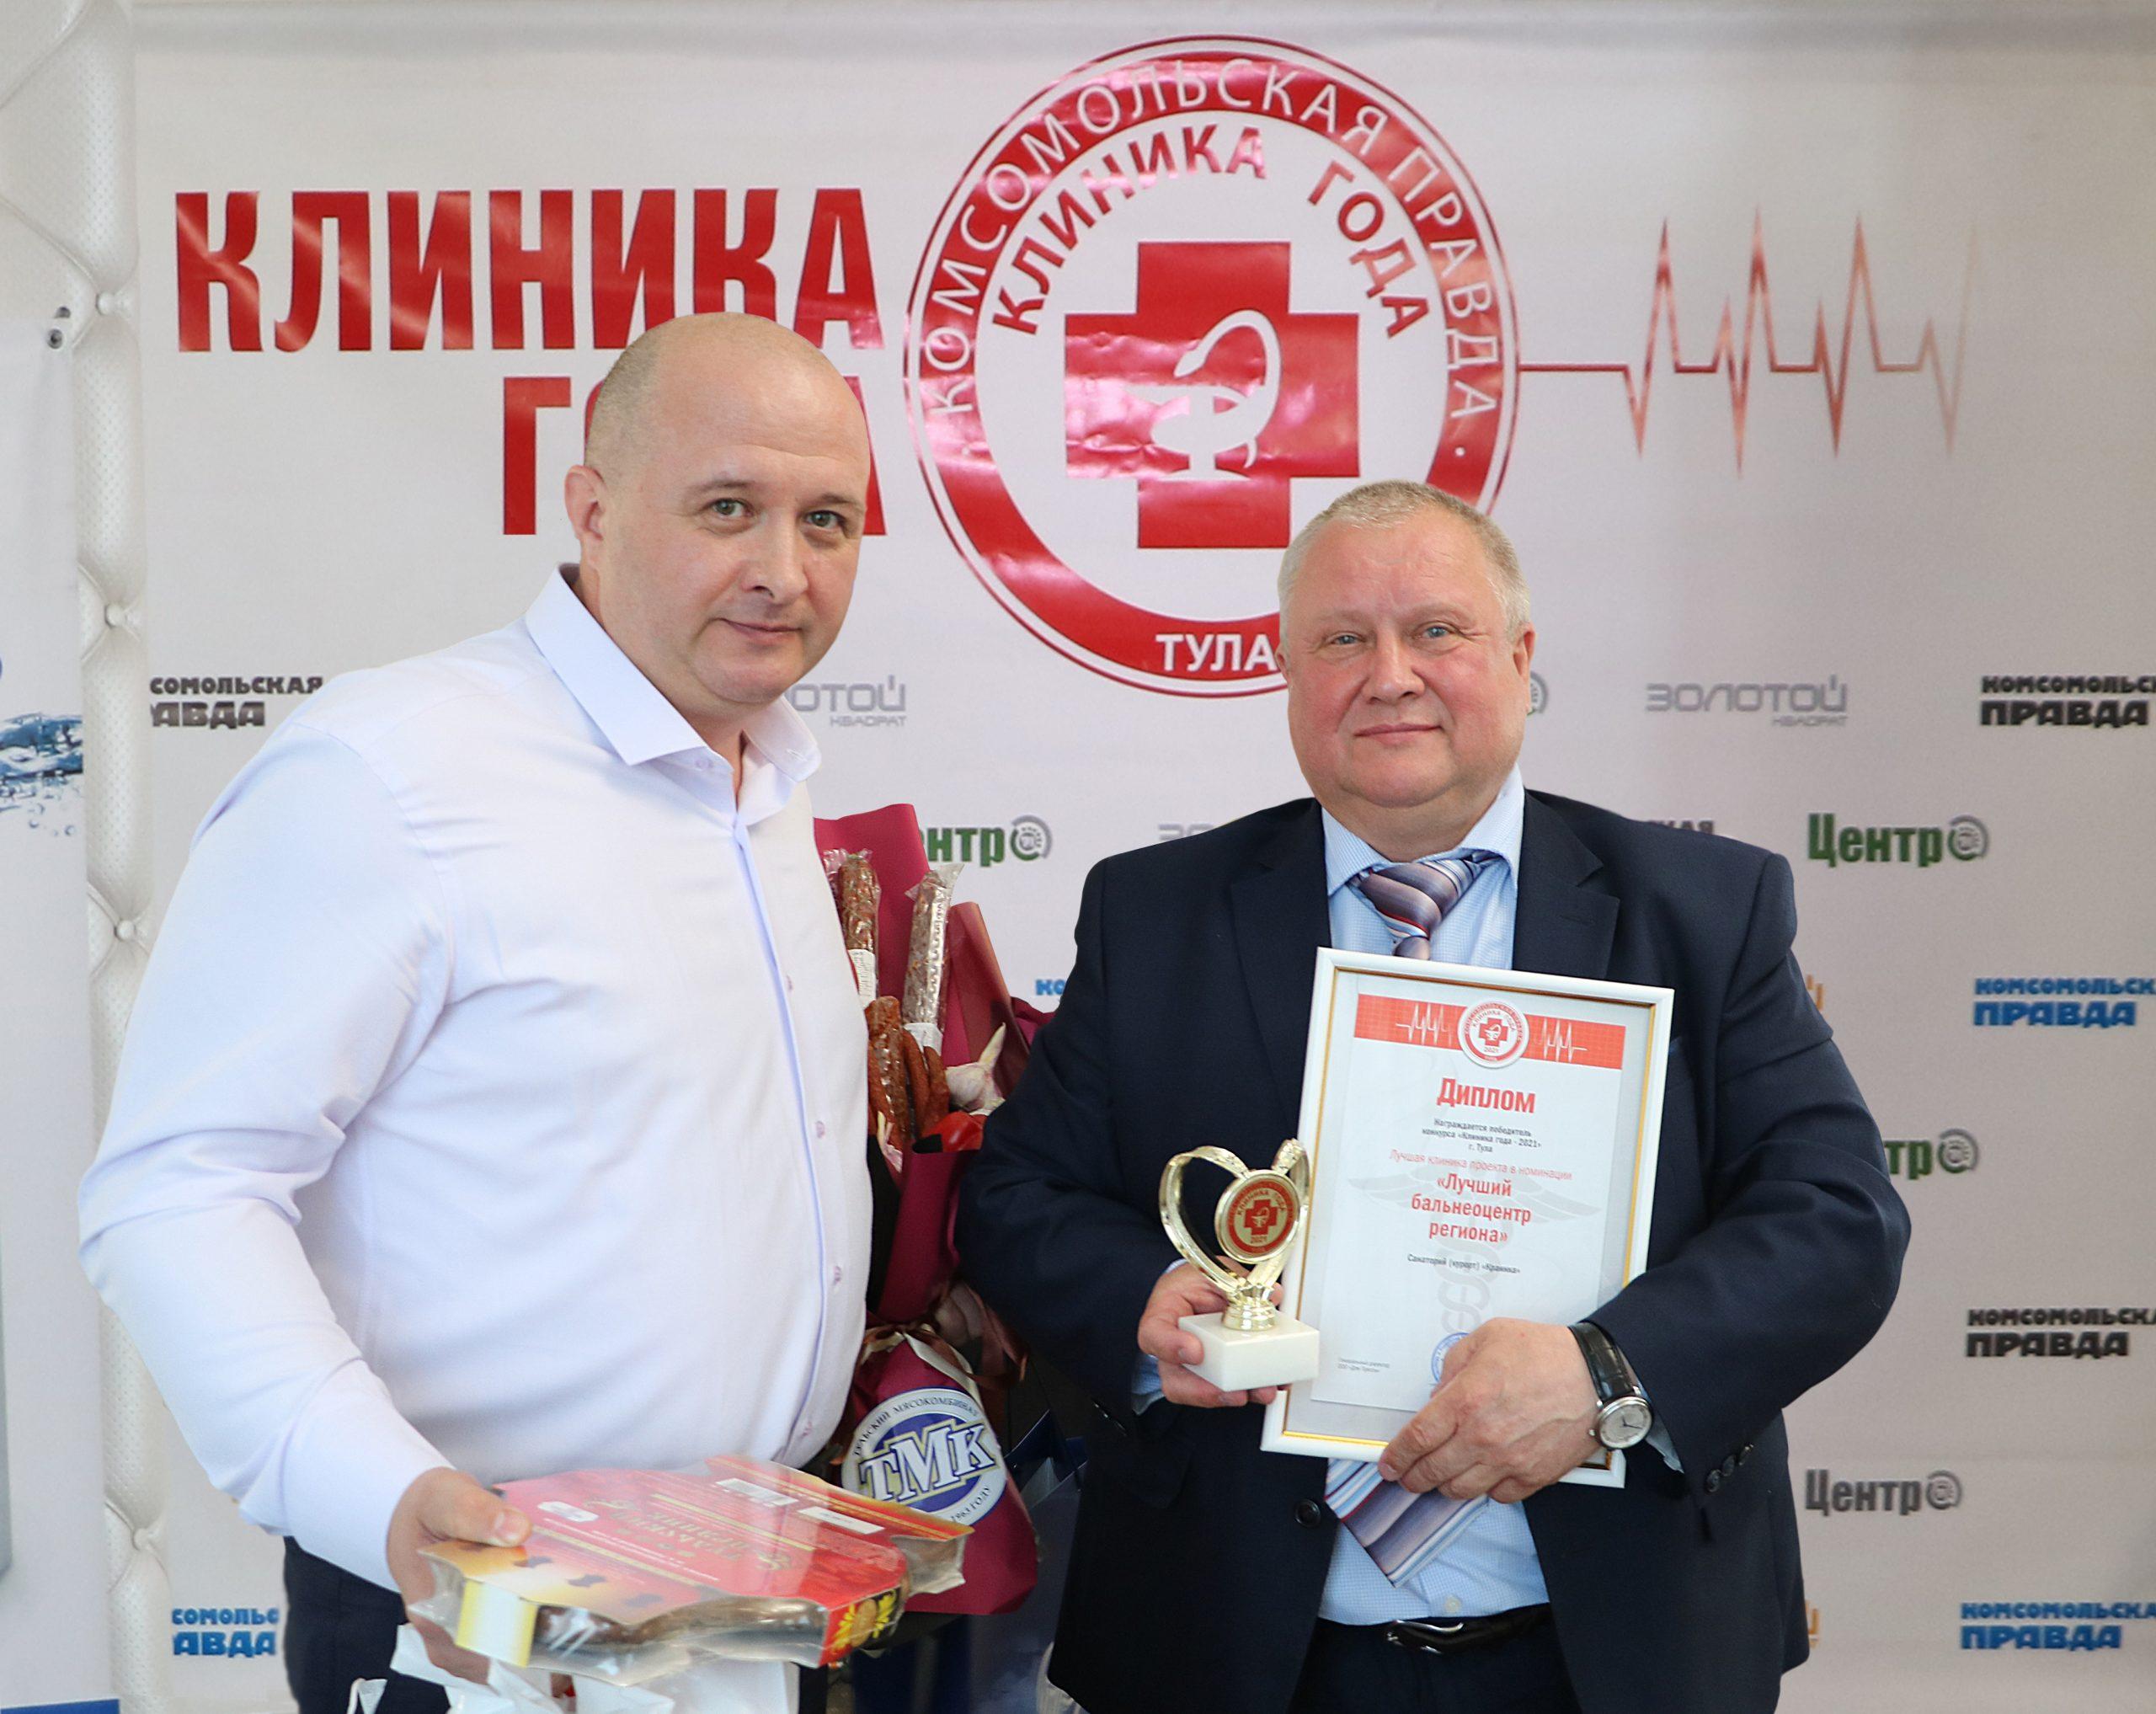 Санаторий «Краинка» был признан лучшим бальнеоцентром тульской области